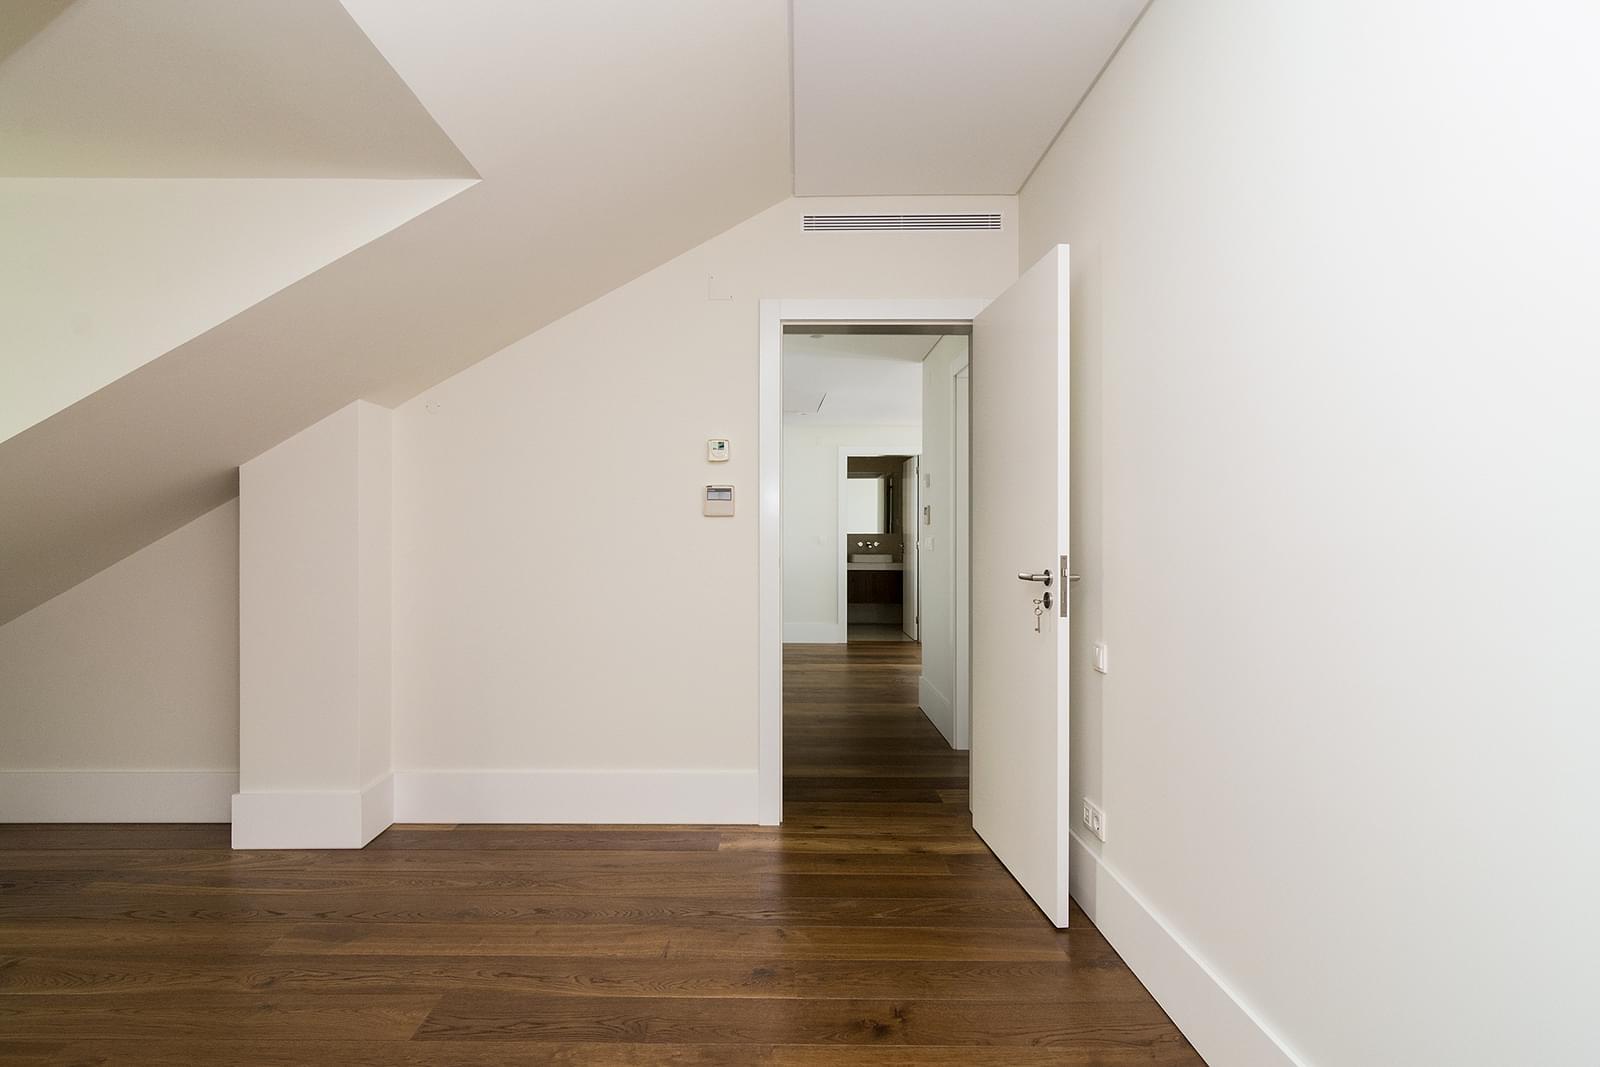 pf17442-apartamento-t3-lisboa-0adca8f7-2778-419c-a68c-8c102637c6d0